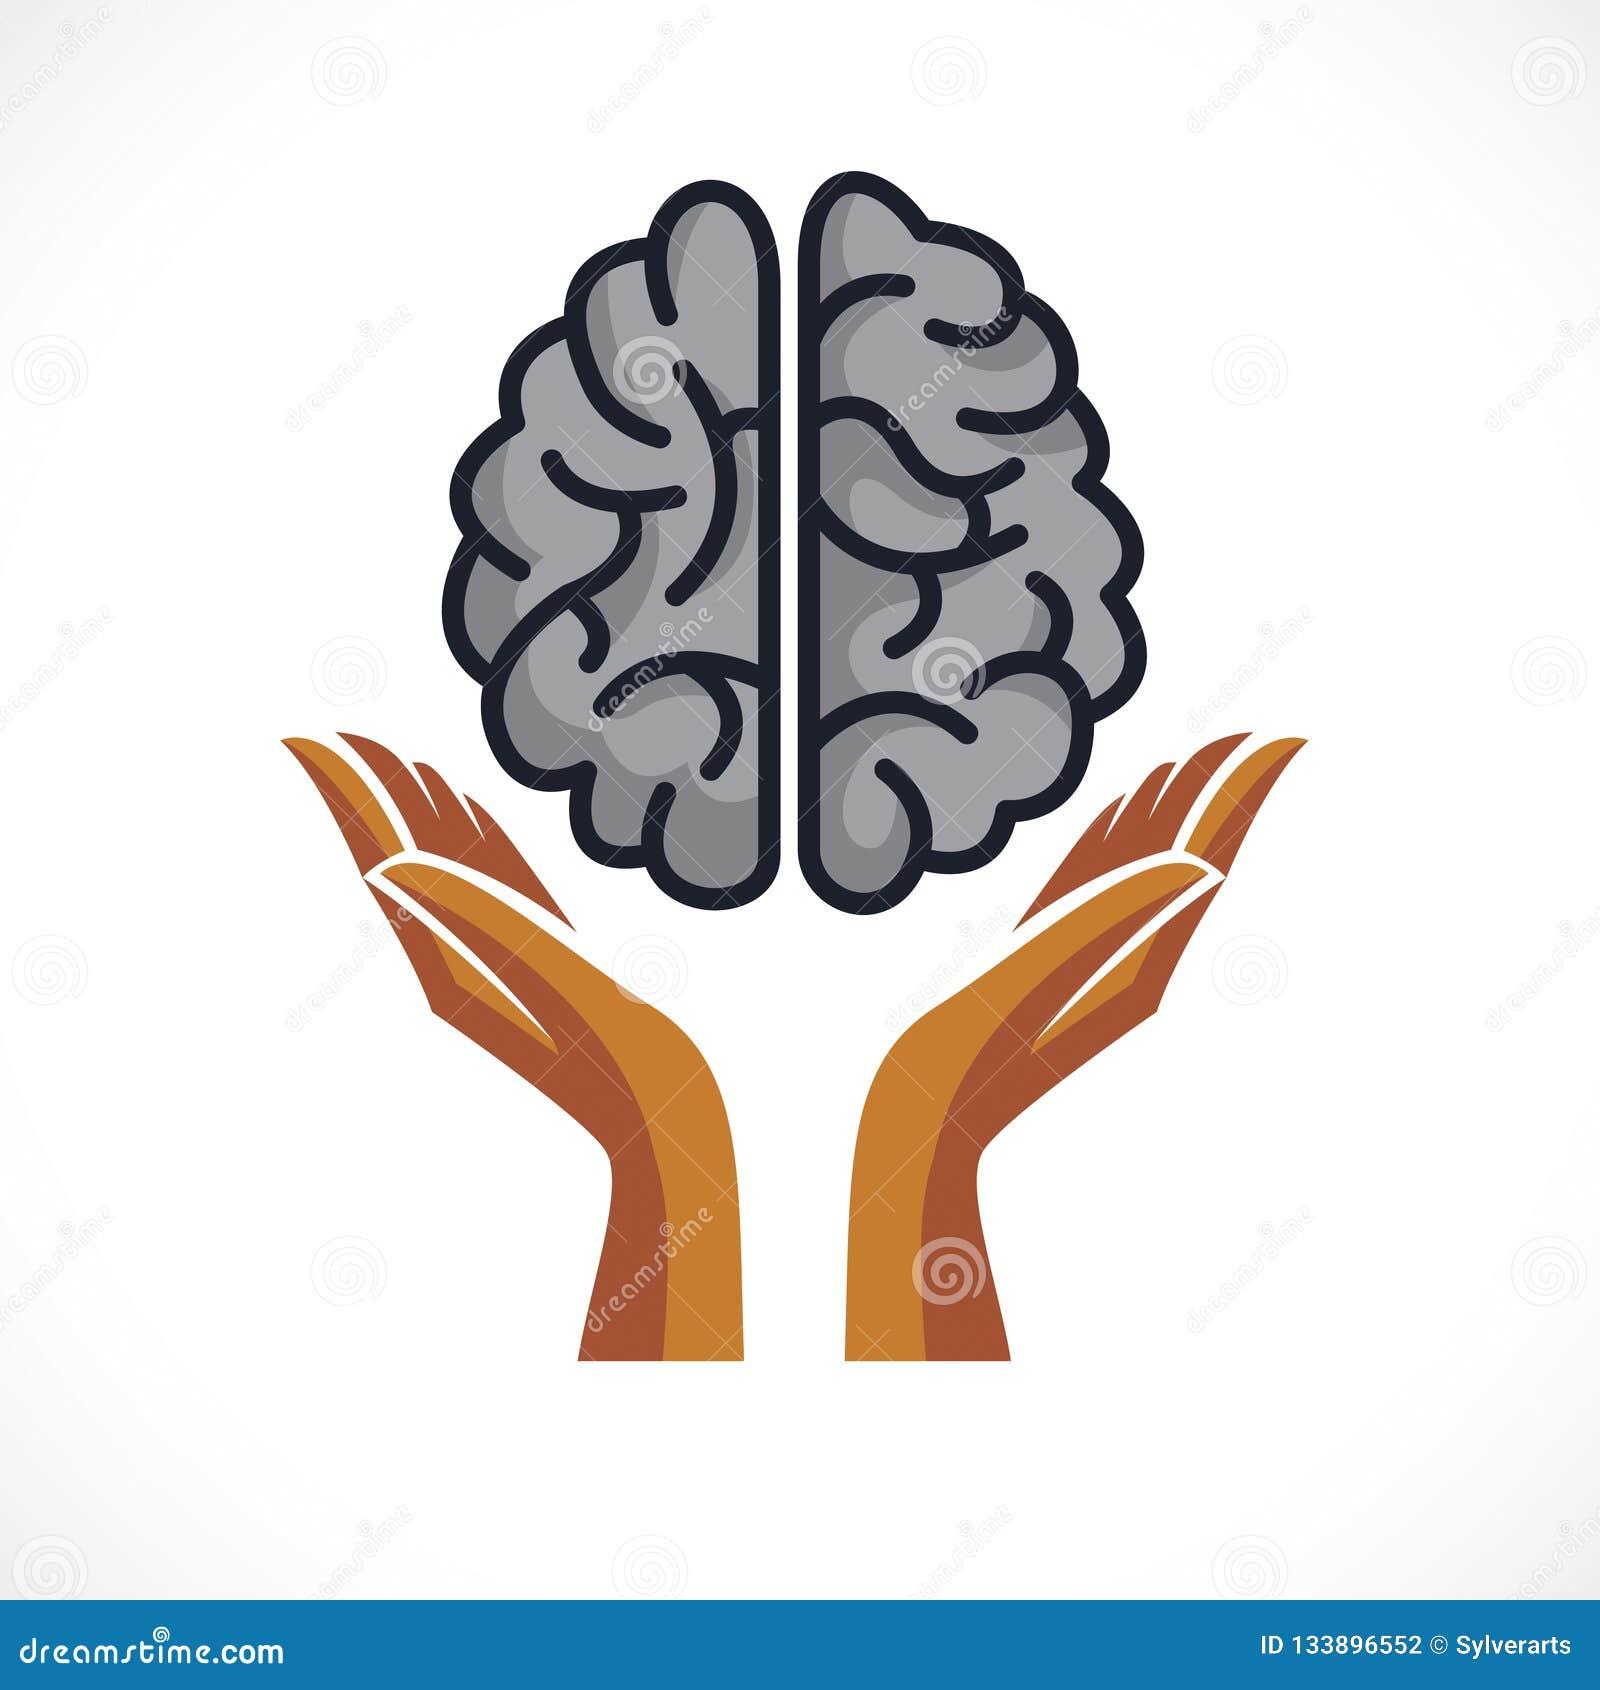 Cerebro anatómico humano con la oferta que guarda las manos, salud mental